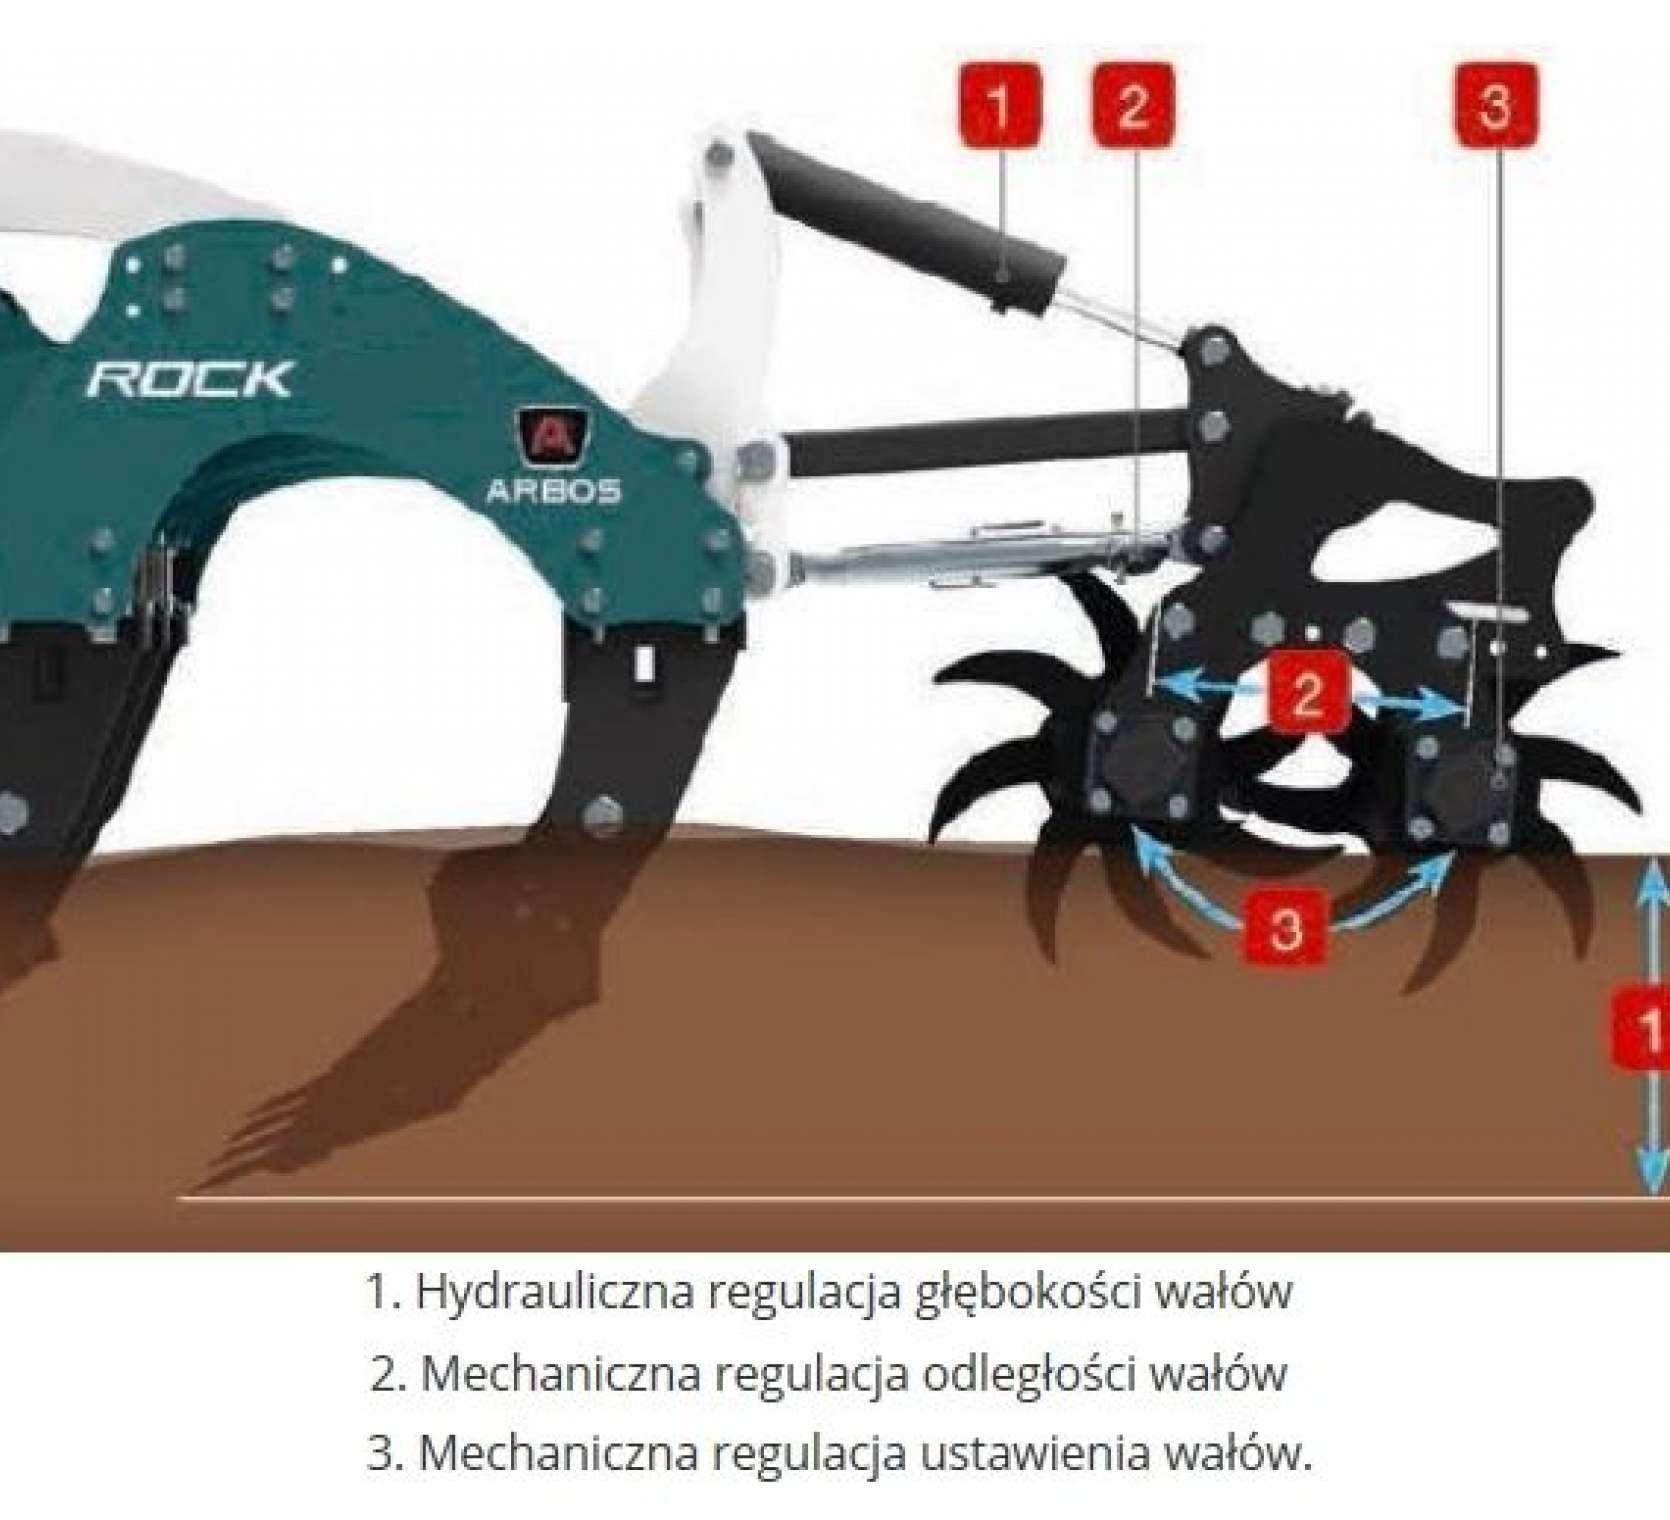 Schemat budowy pługa dłutowego Arbos ROCK, hydrauliczna regulacja wałów